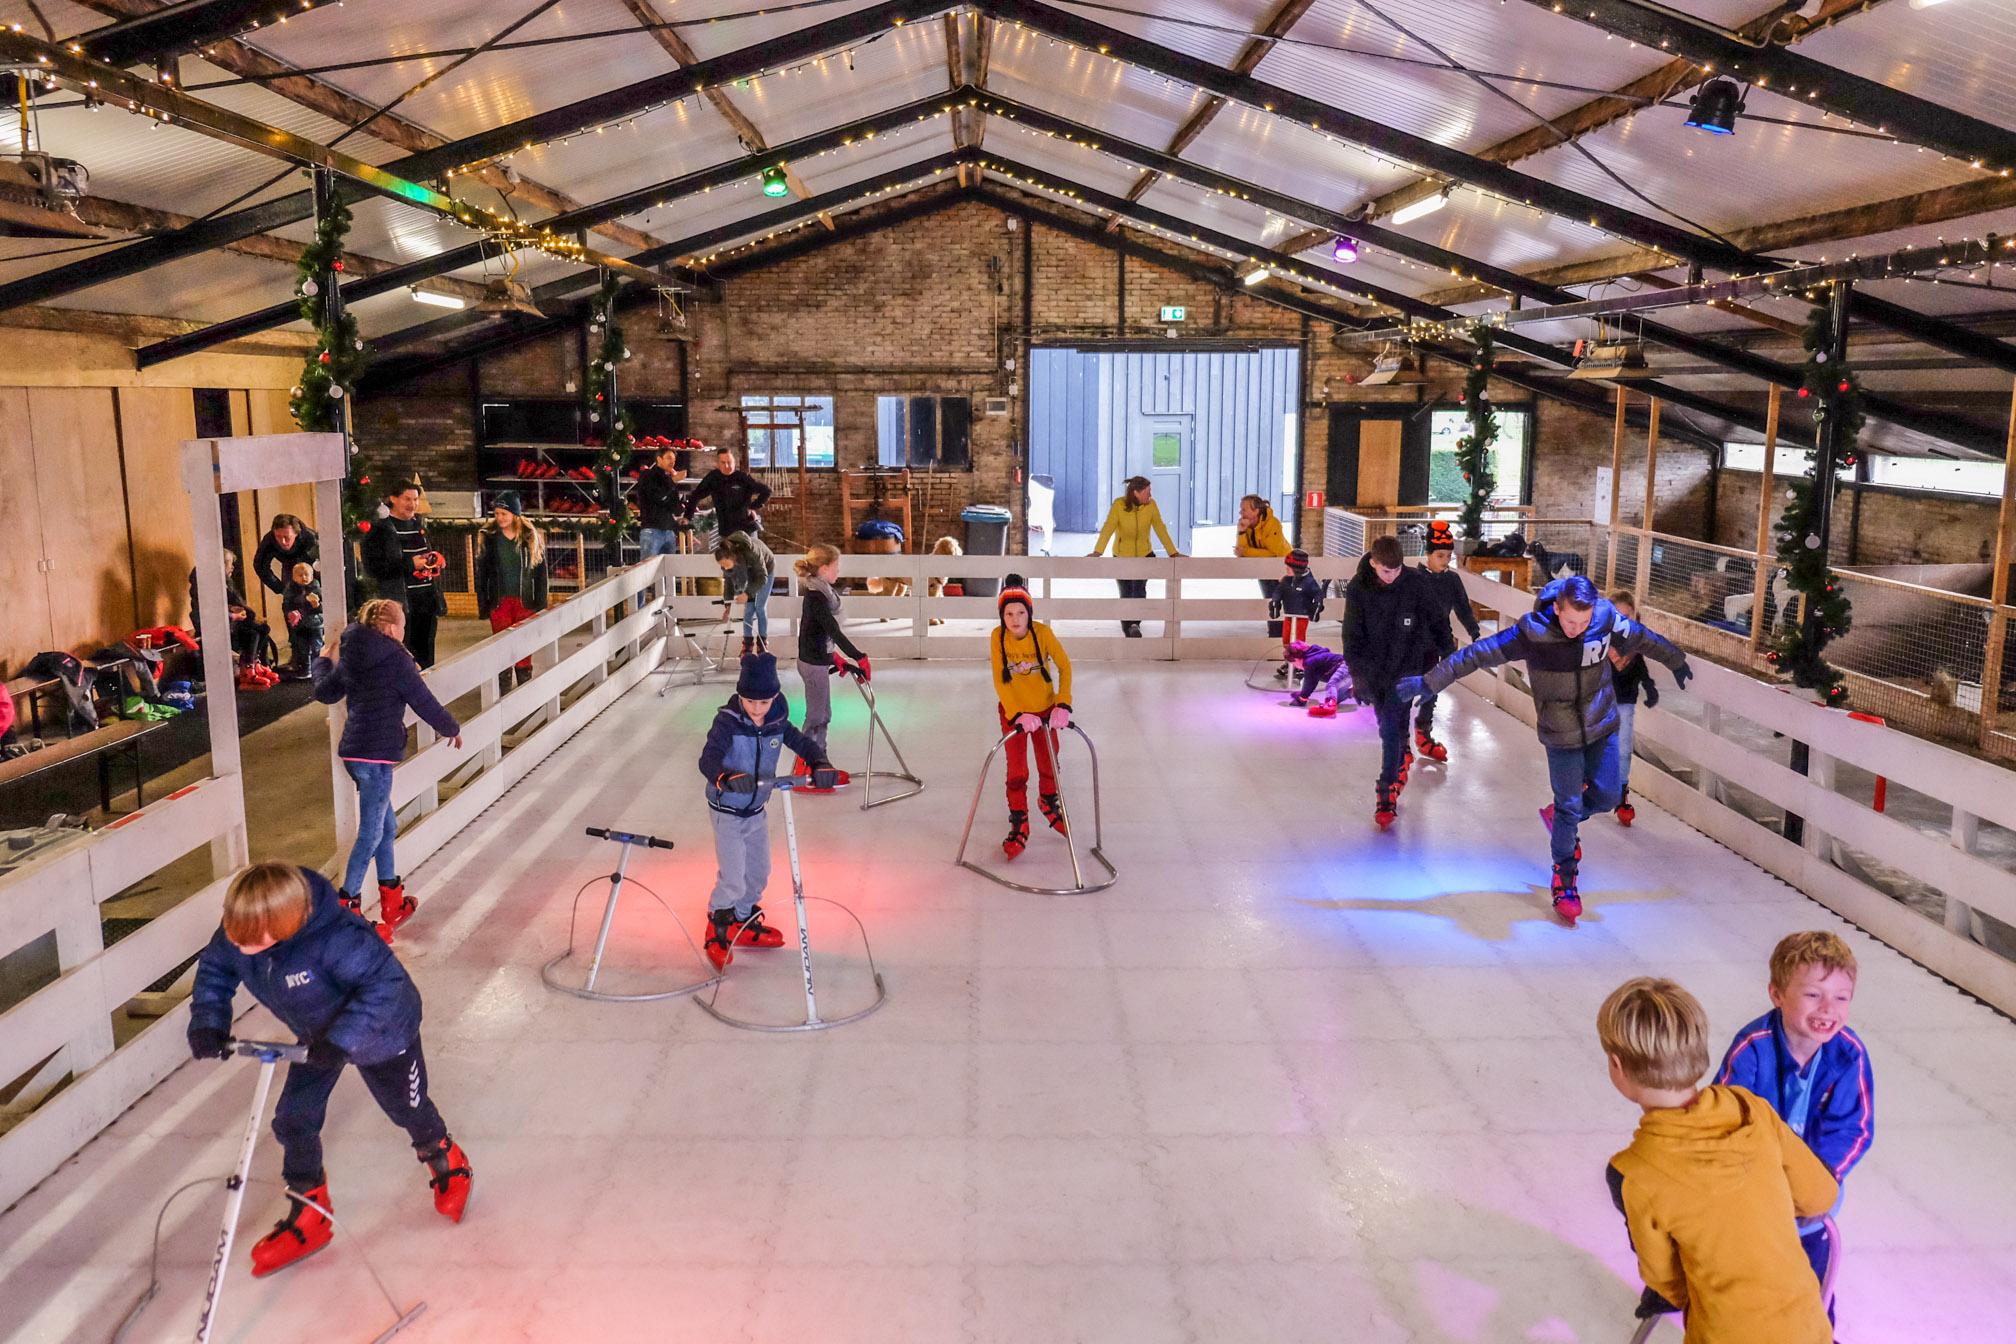 Ontdek de schaatsbaan | Boerderij de Boerinn